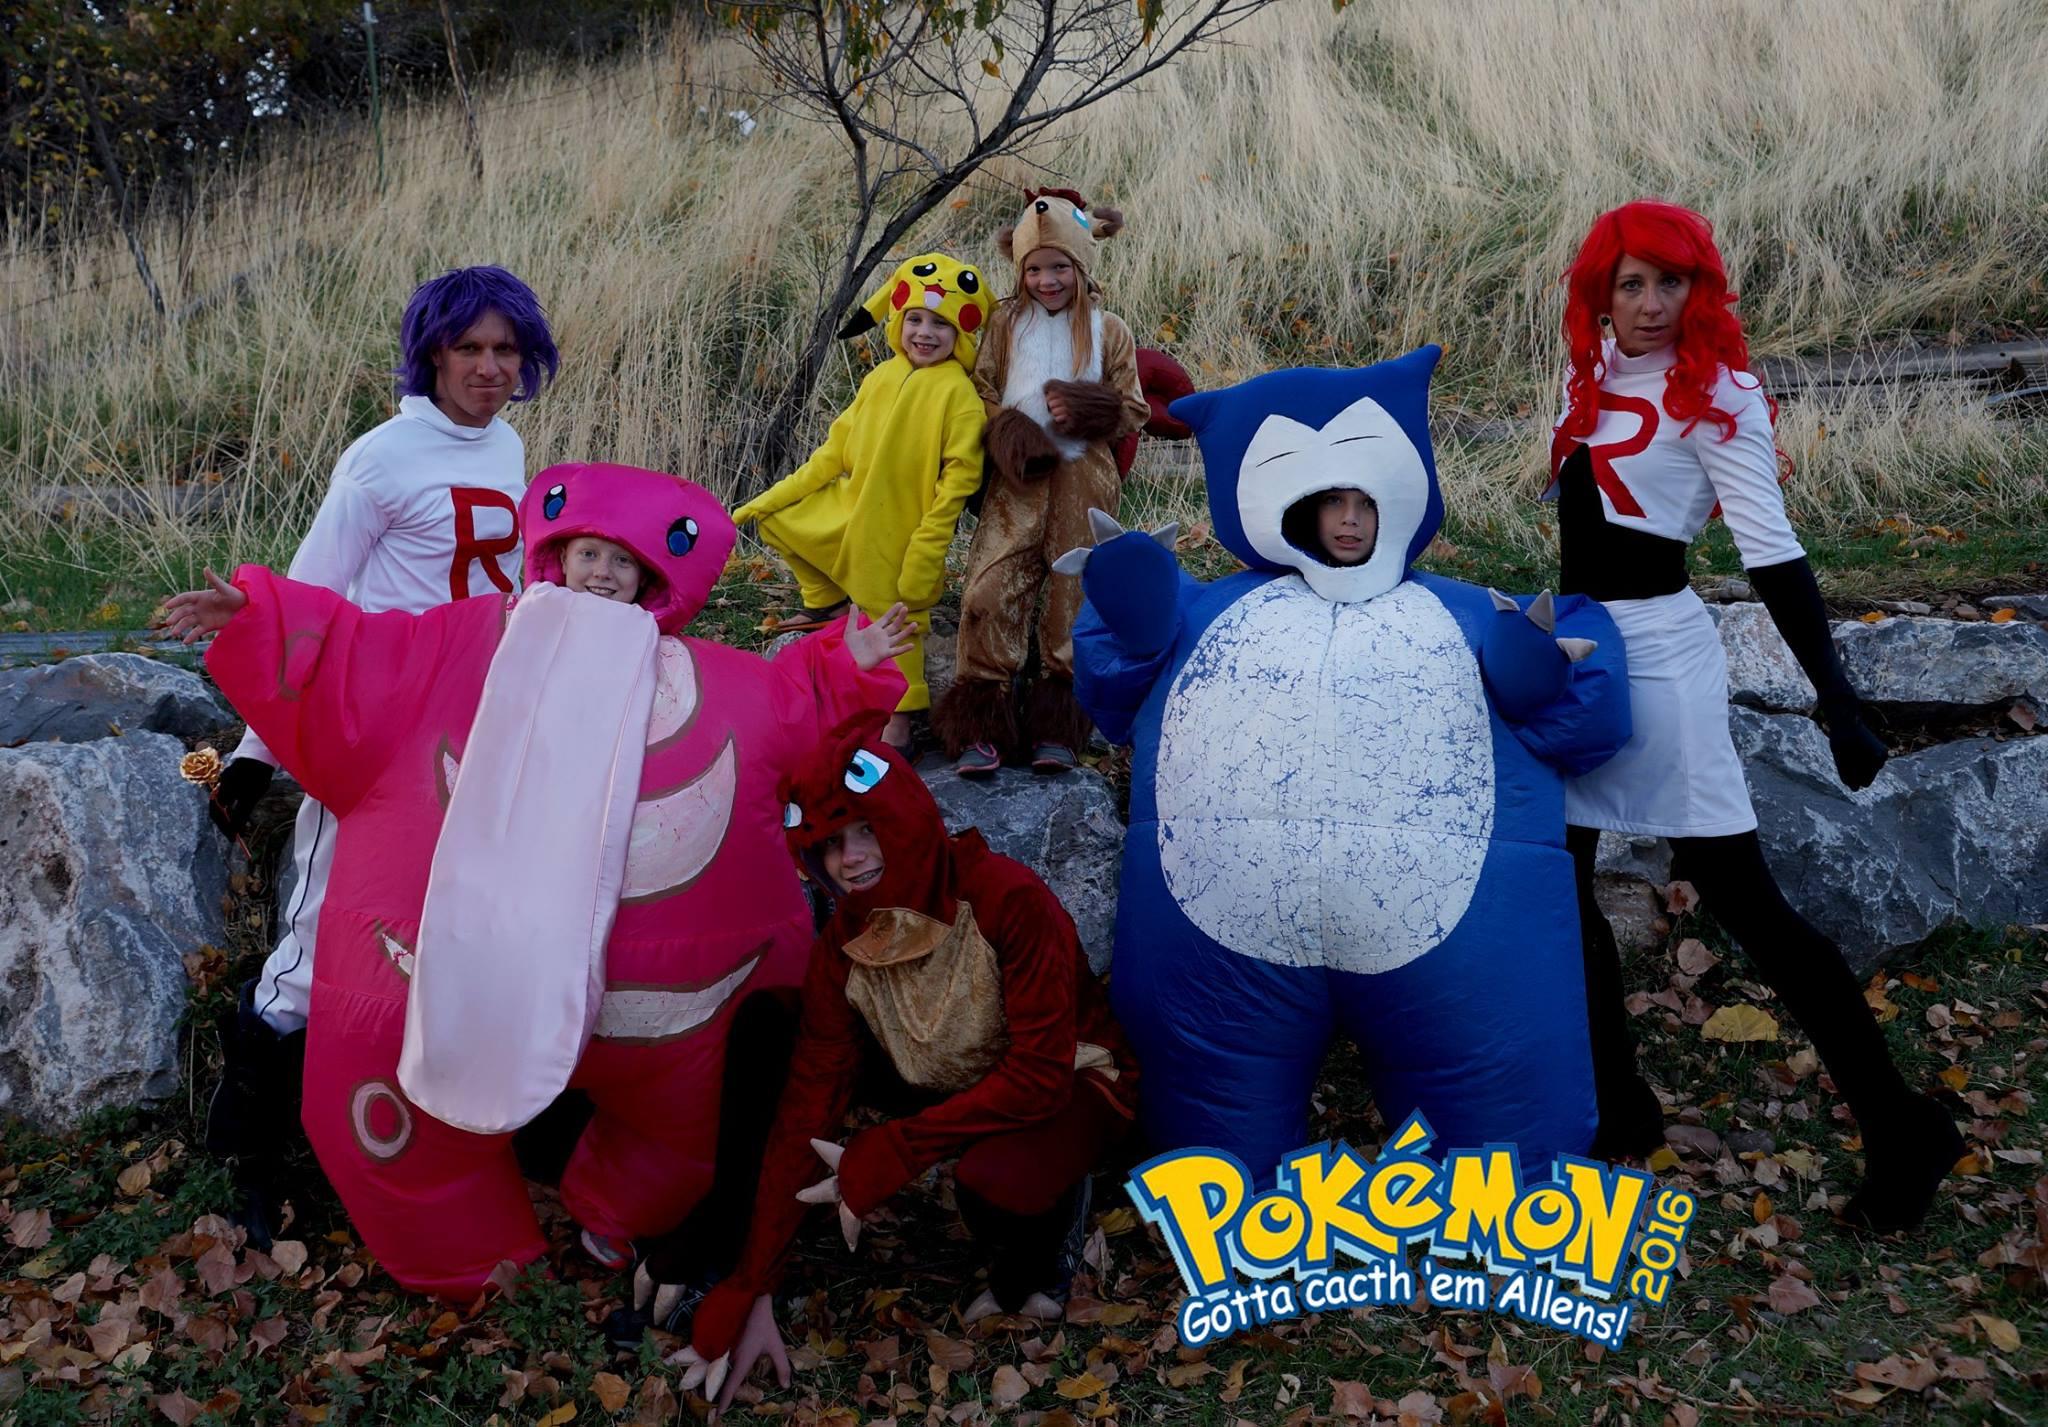 Pokeman Family